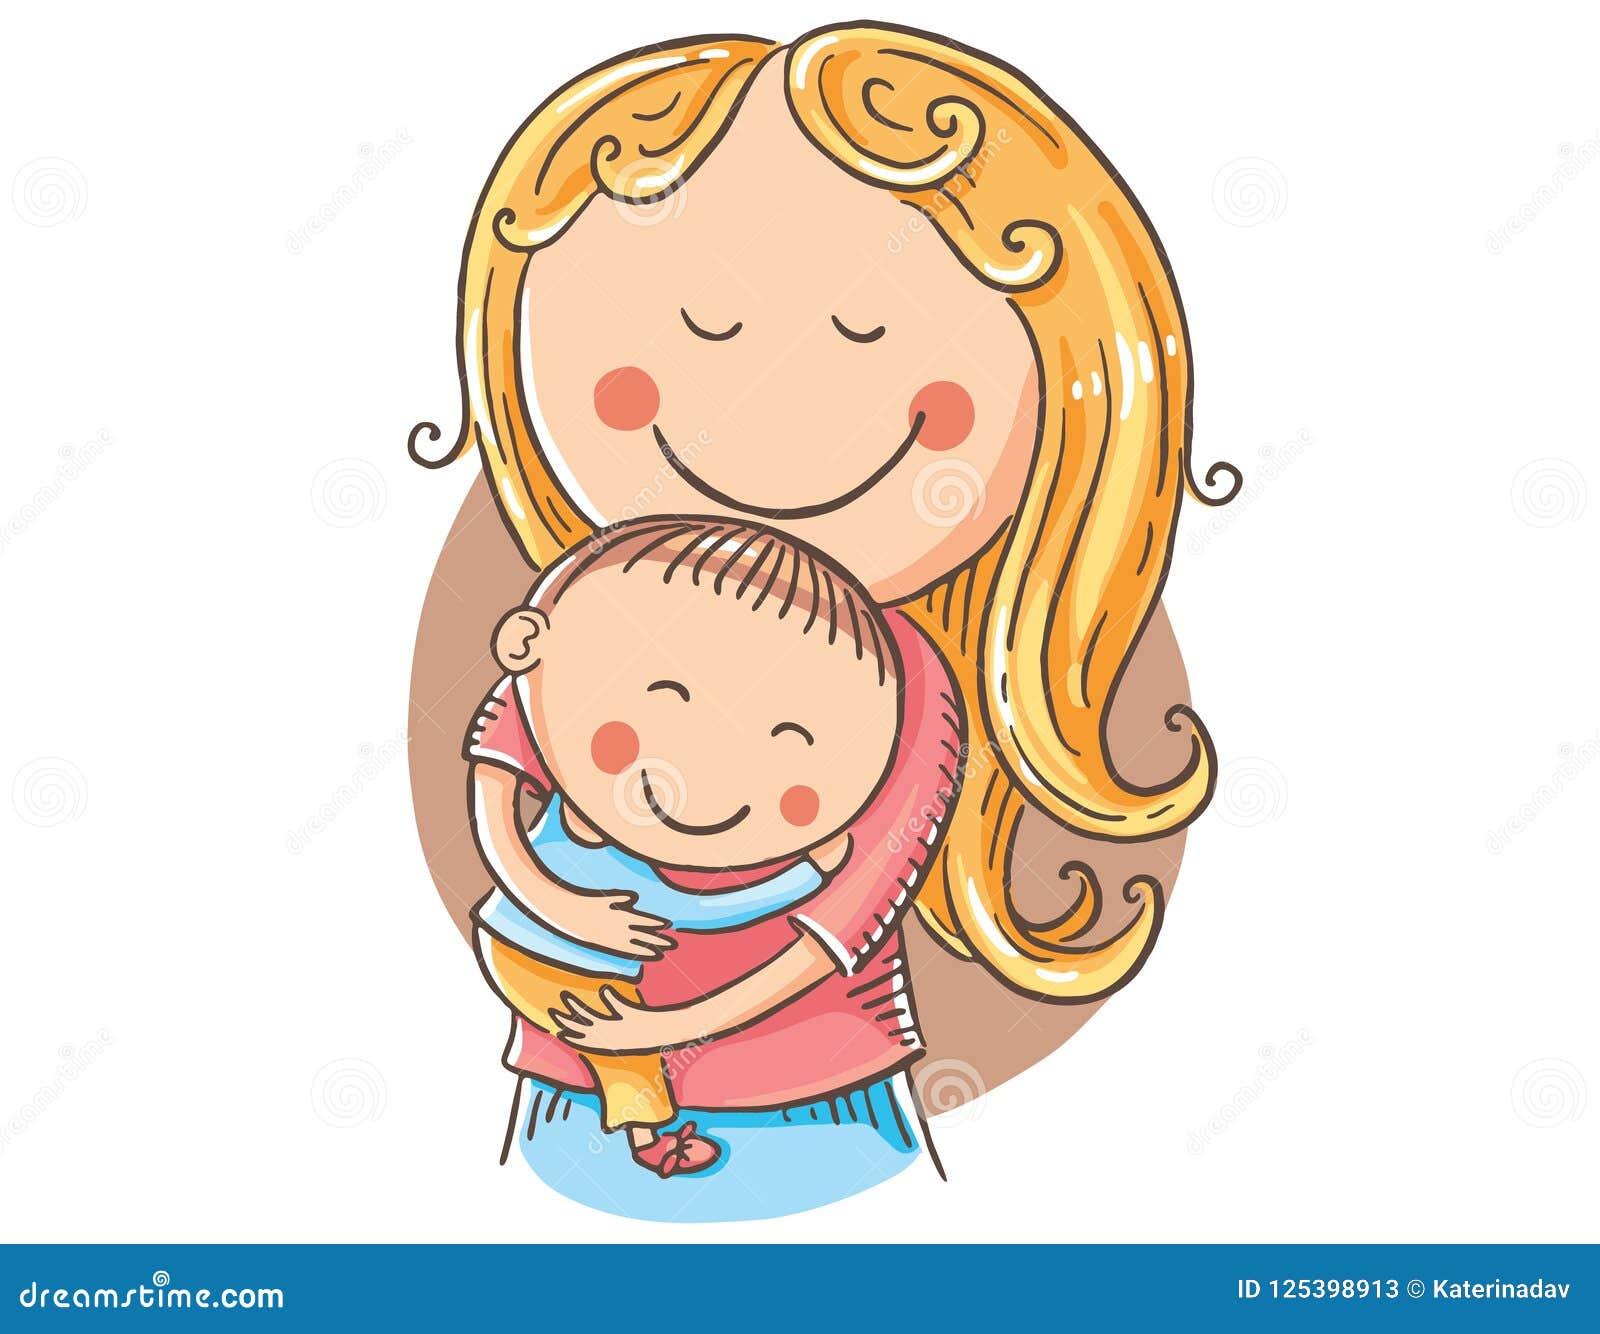 Mere Heureuse De Bande Dessinee Avec Des Enfants Clipart De Vecteur Illustration De Vecteur Illustration Du Enfants Clipart 125398913